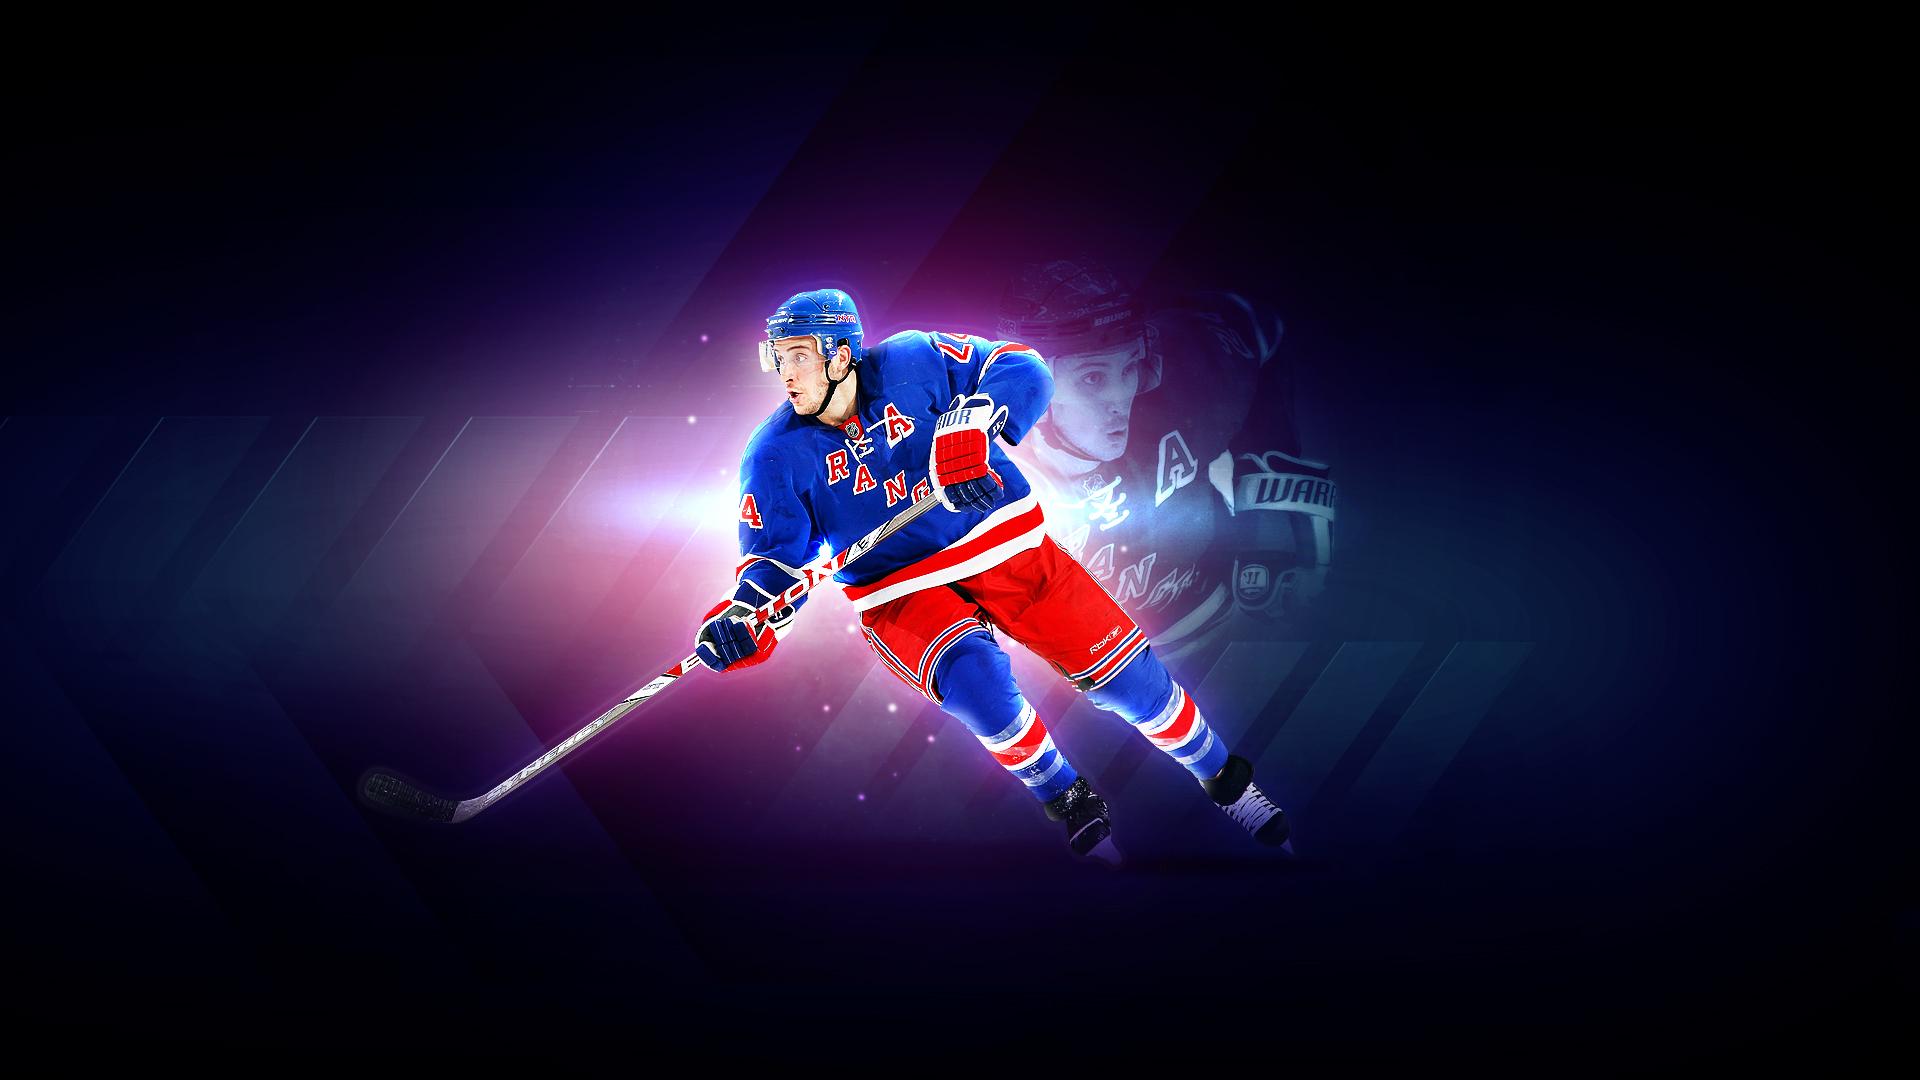 картинки про хоккей на рабочий стол